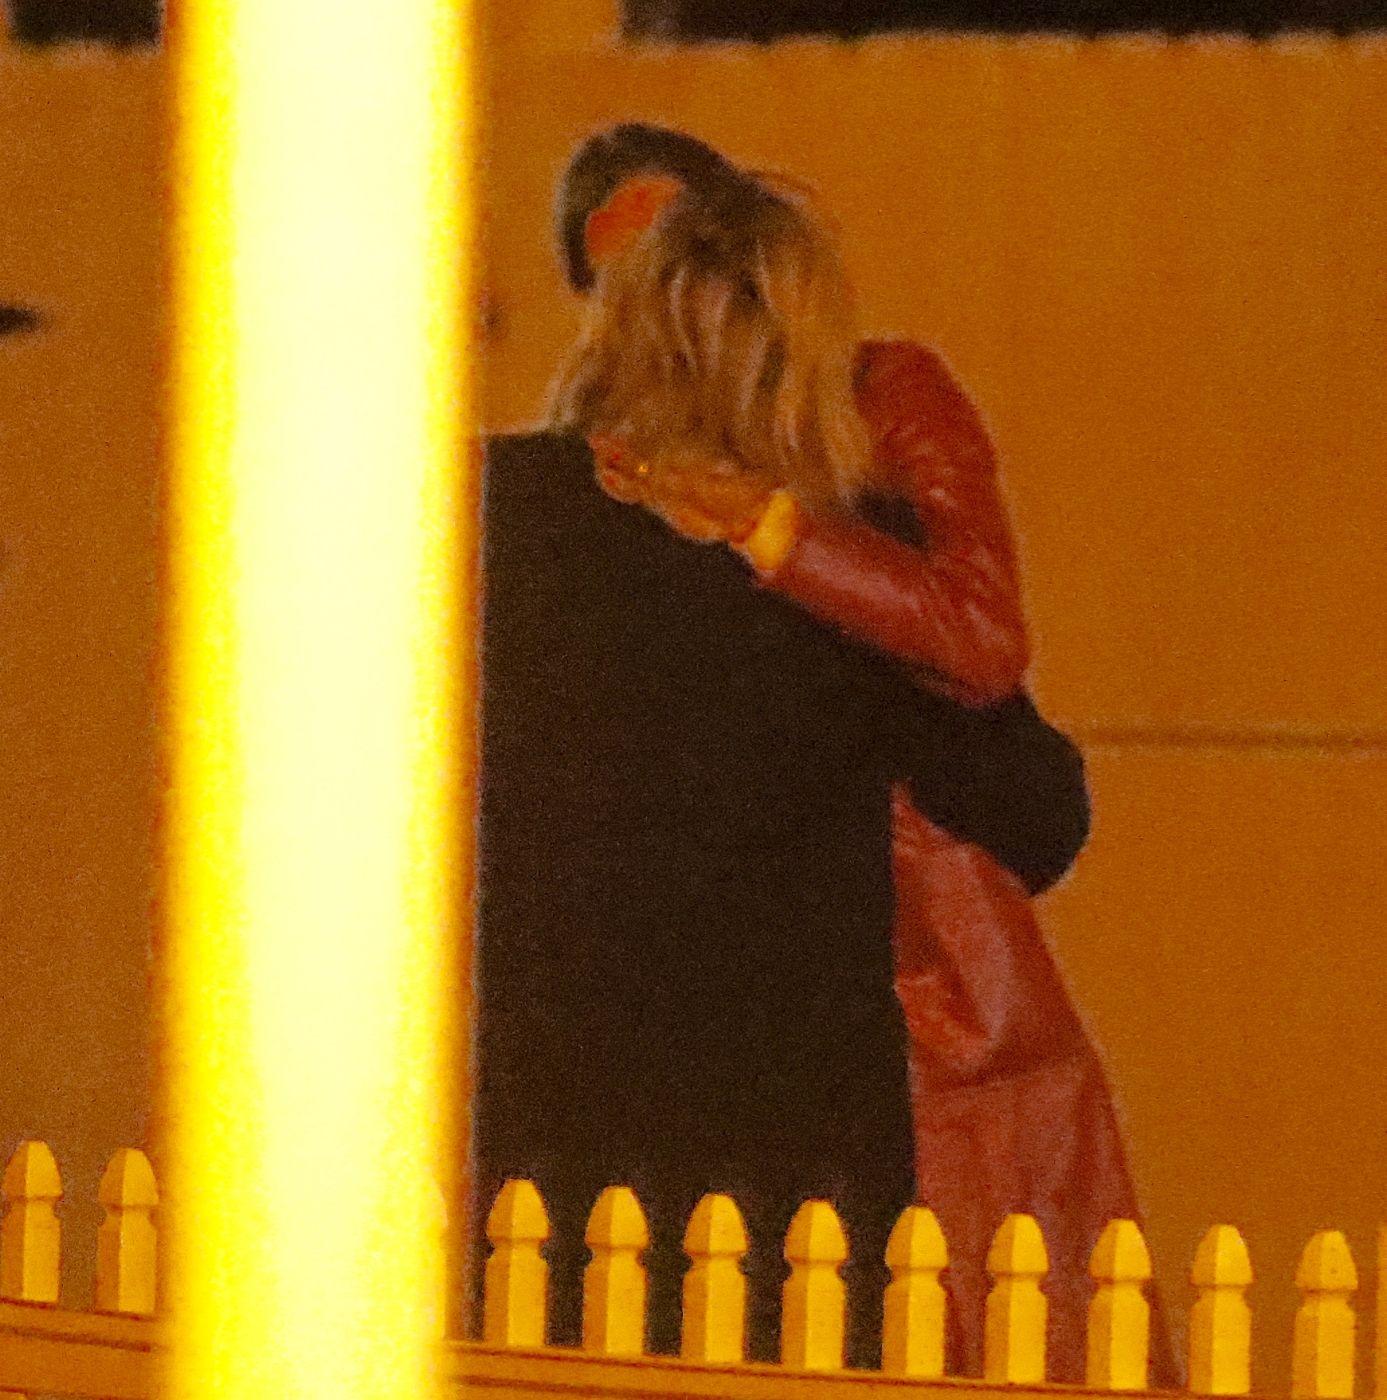 超殺女,克蘿伊,ChloeMoretz,出櫃,戀情,女友,凱特哈里森,Kate Harrison,布魯克林貝克漢,Brooklyn Beckham